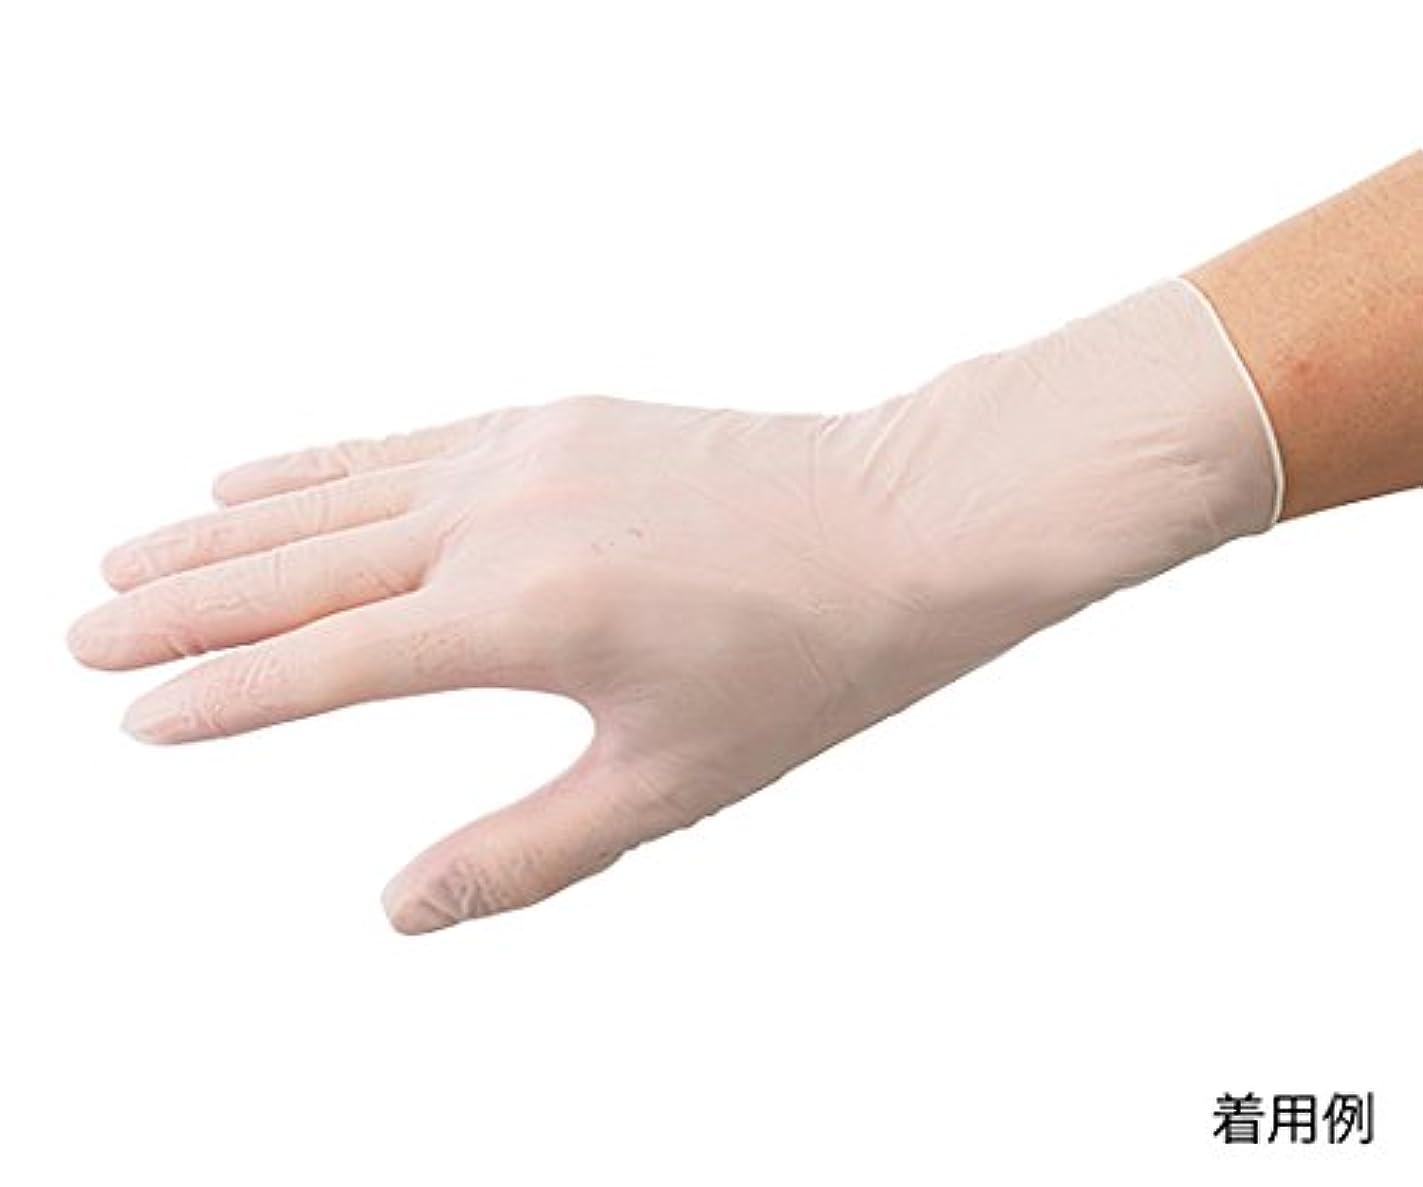 ナット鎮痛剤かび臭いイワツキ61-9987-77クリーンハンドグローブ滅菌済パウダーフリー7.520双